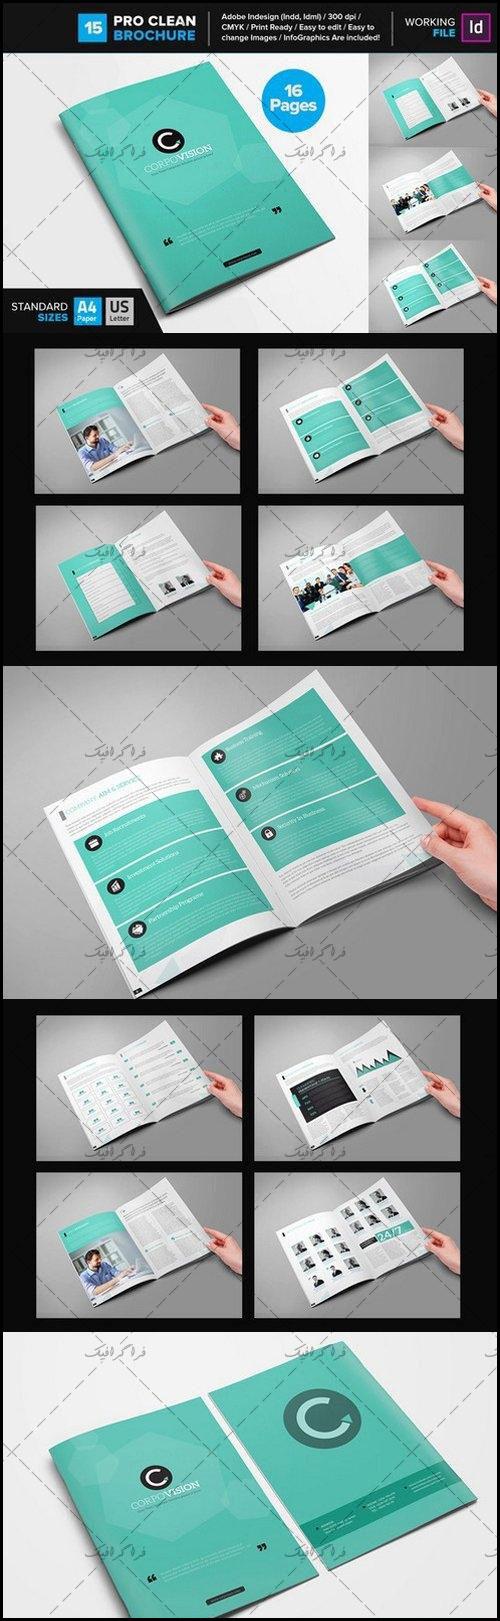 فایل لایه باز ایندیزاین بروشور ساده - شماره 2